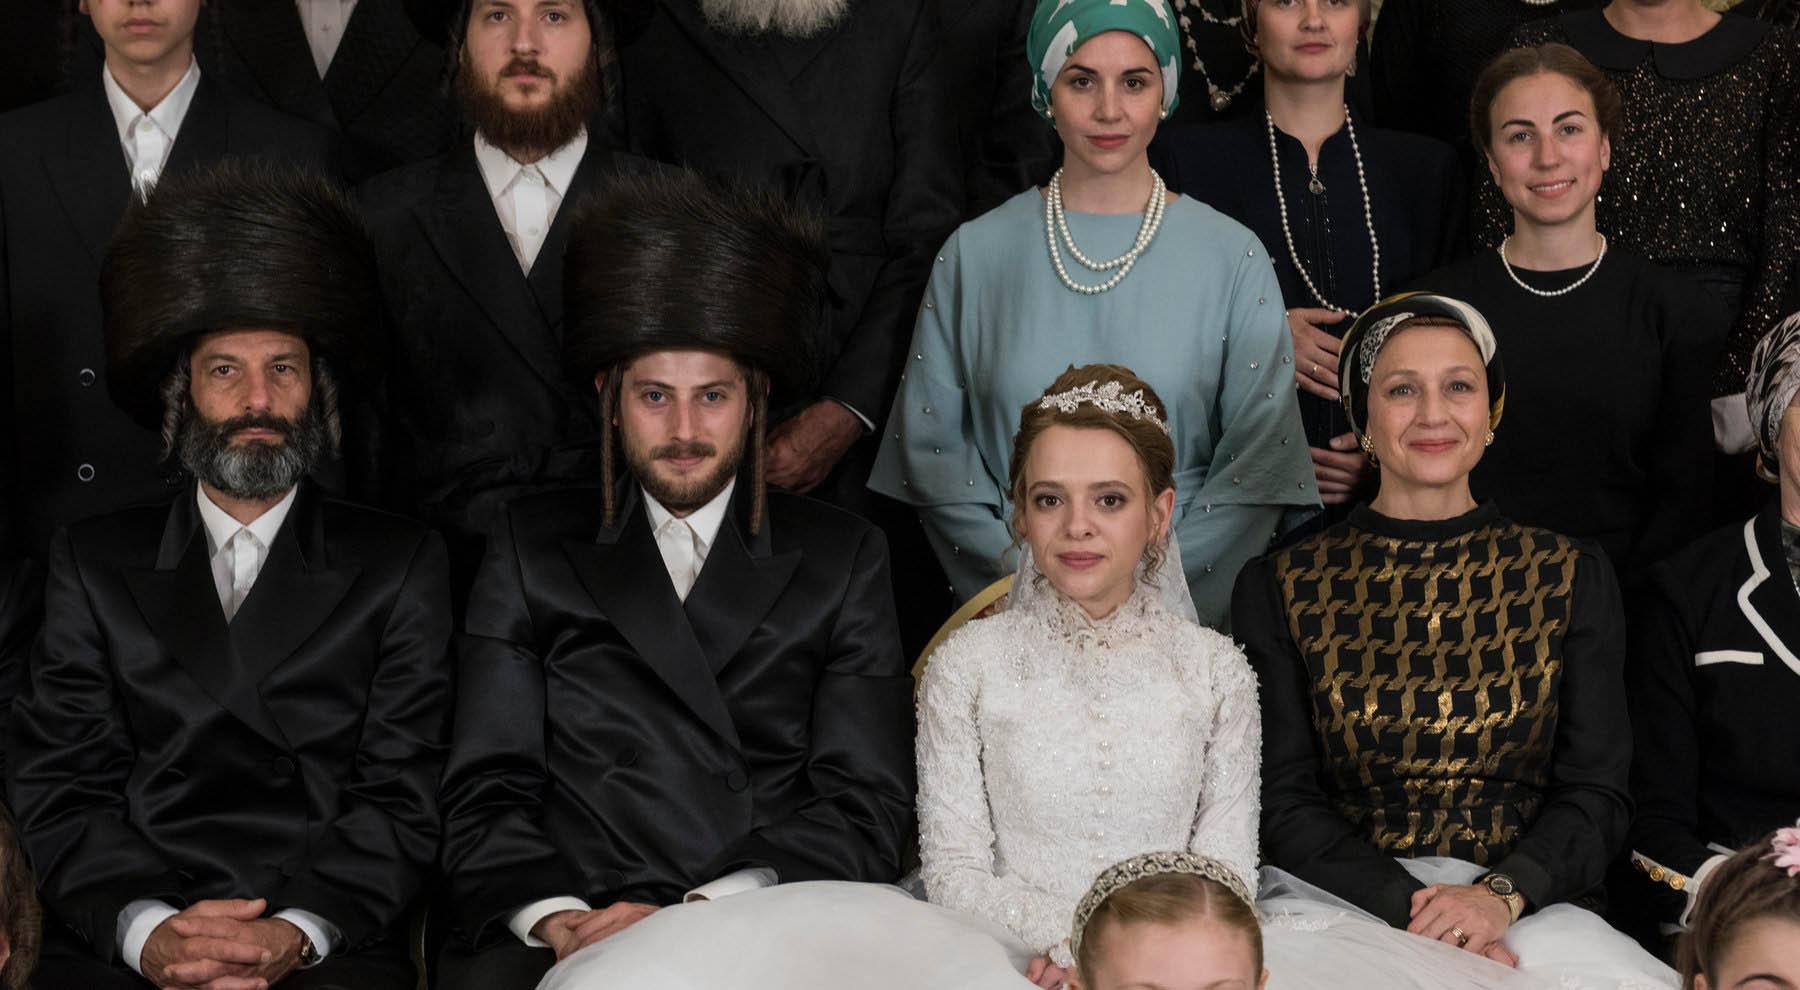 جشن عروسی فرزند خاخام یهودی در بروکلین نیویورک آمریکا